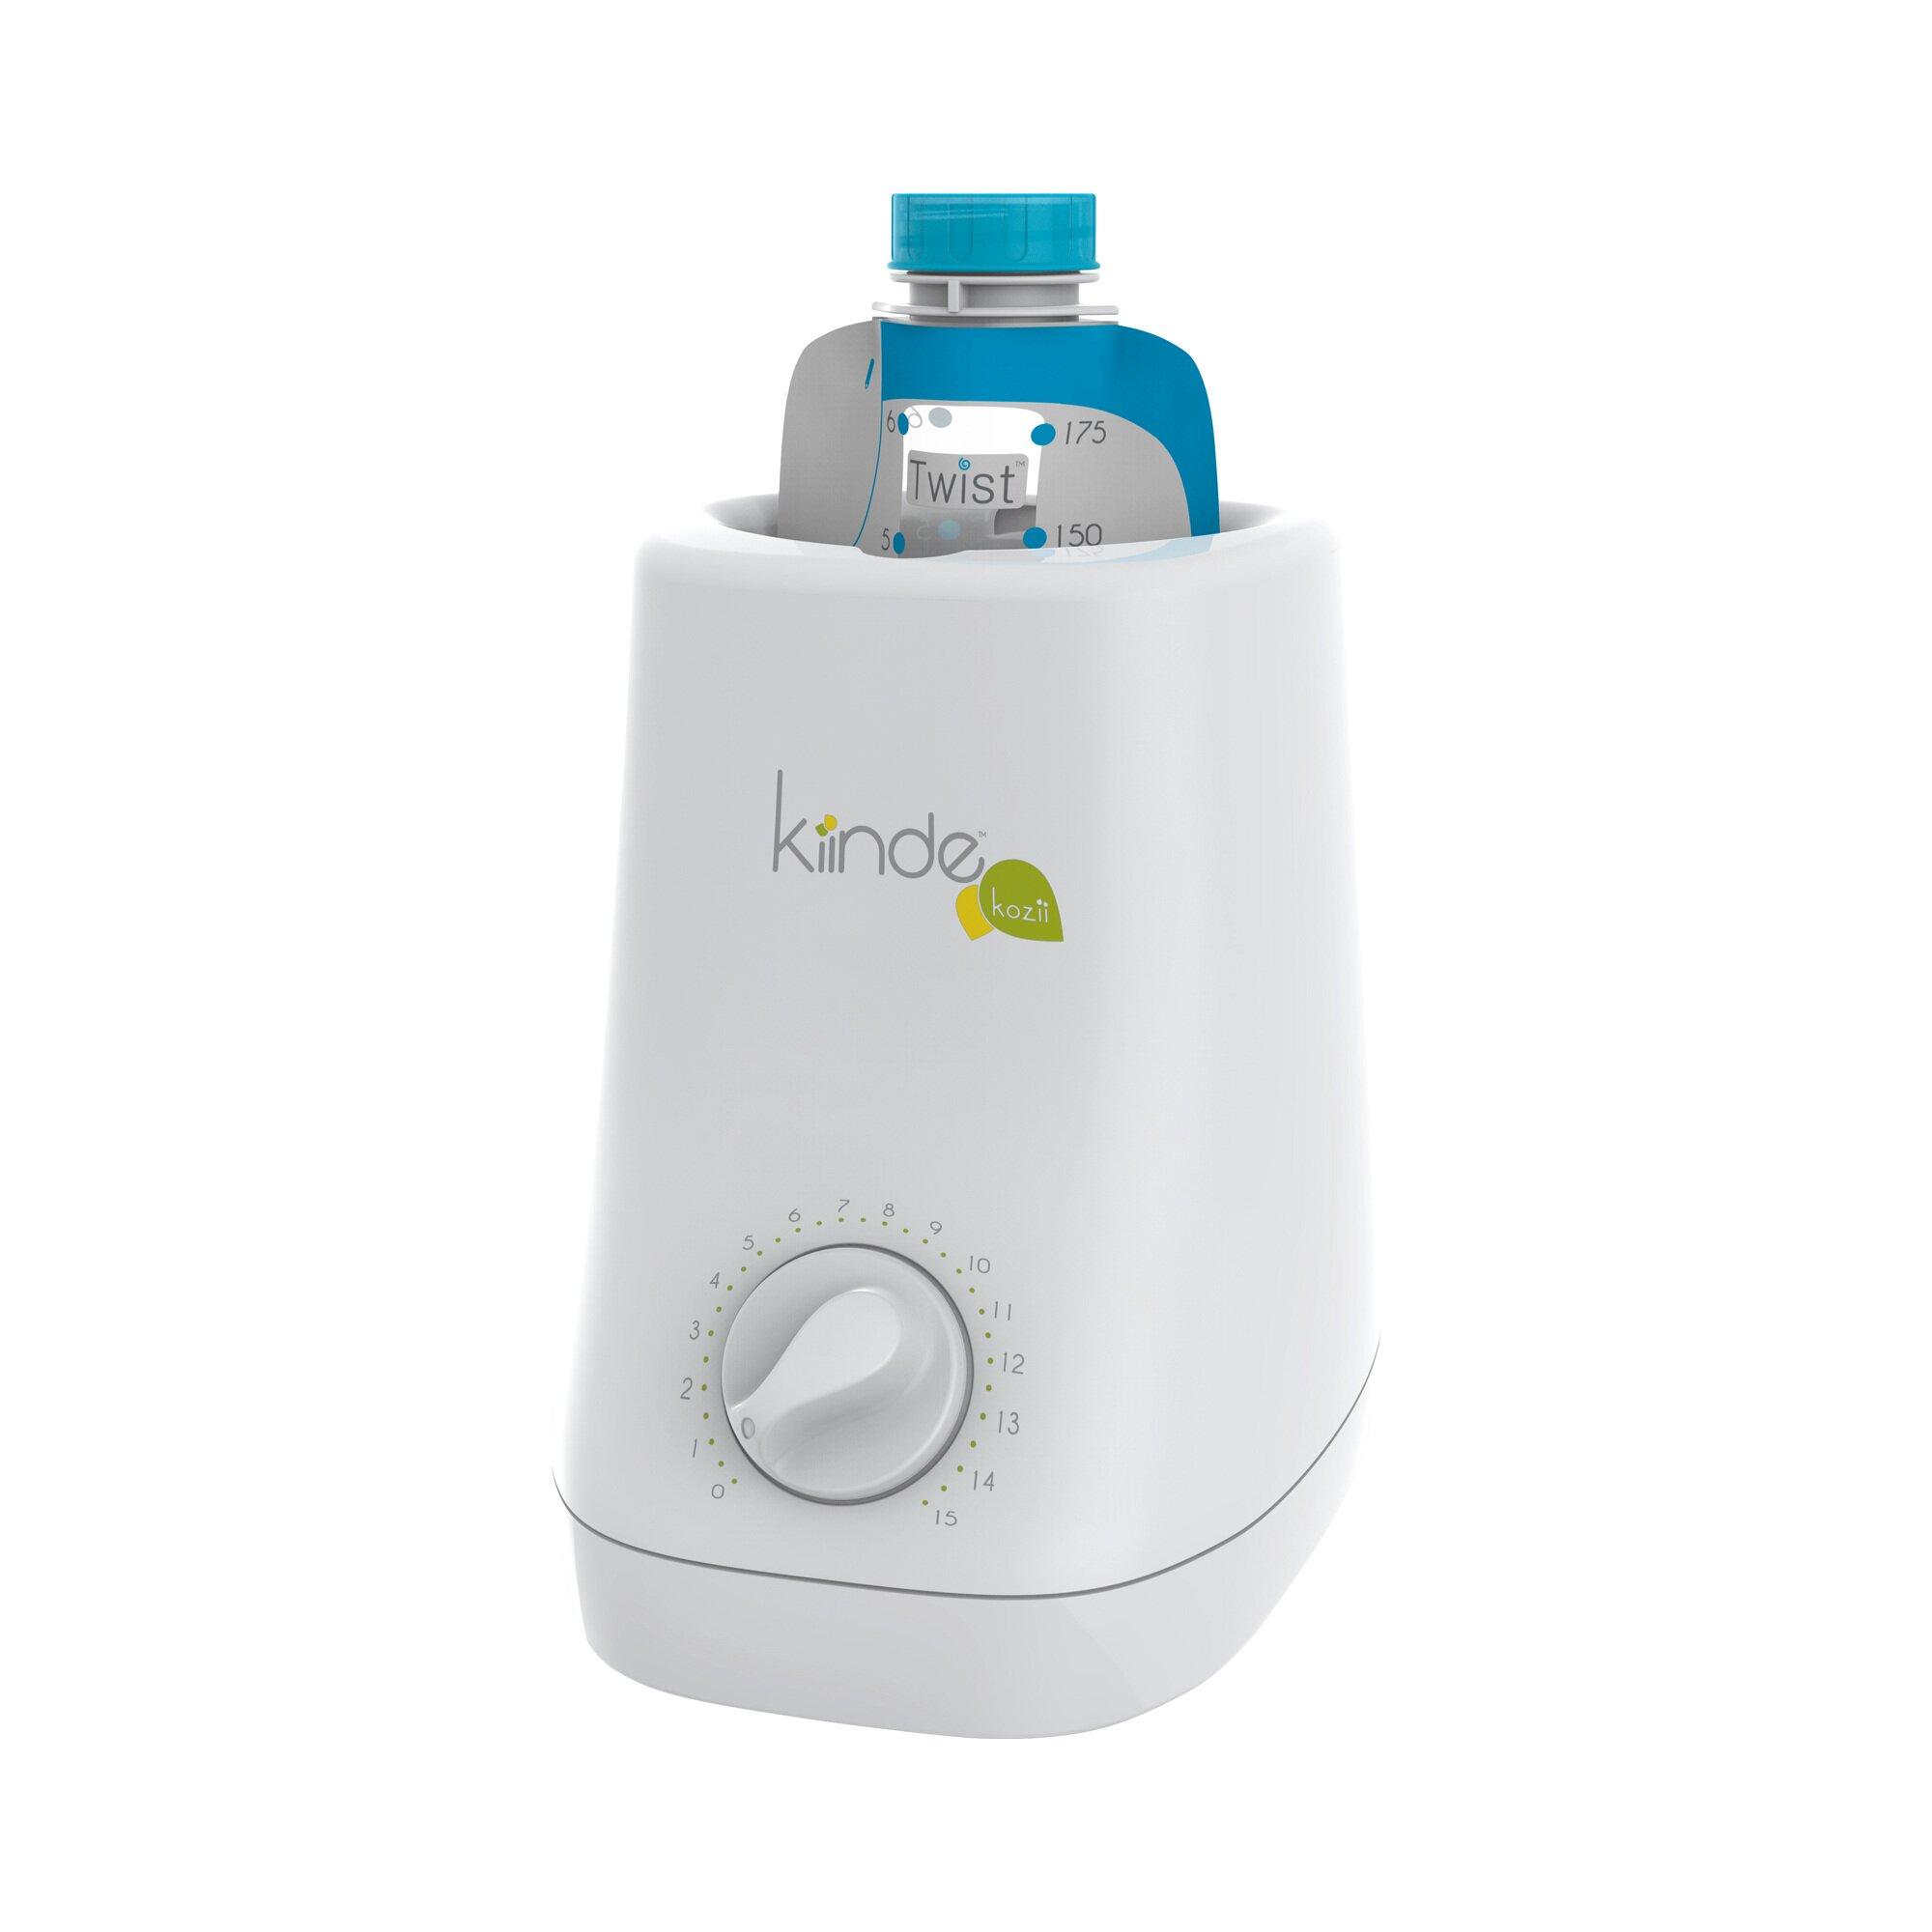 babymoov-twist-flaschenwarmer